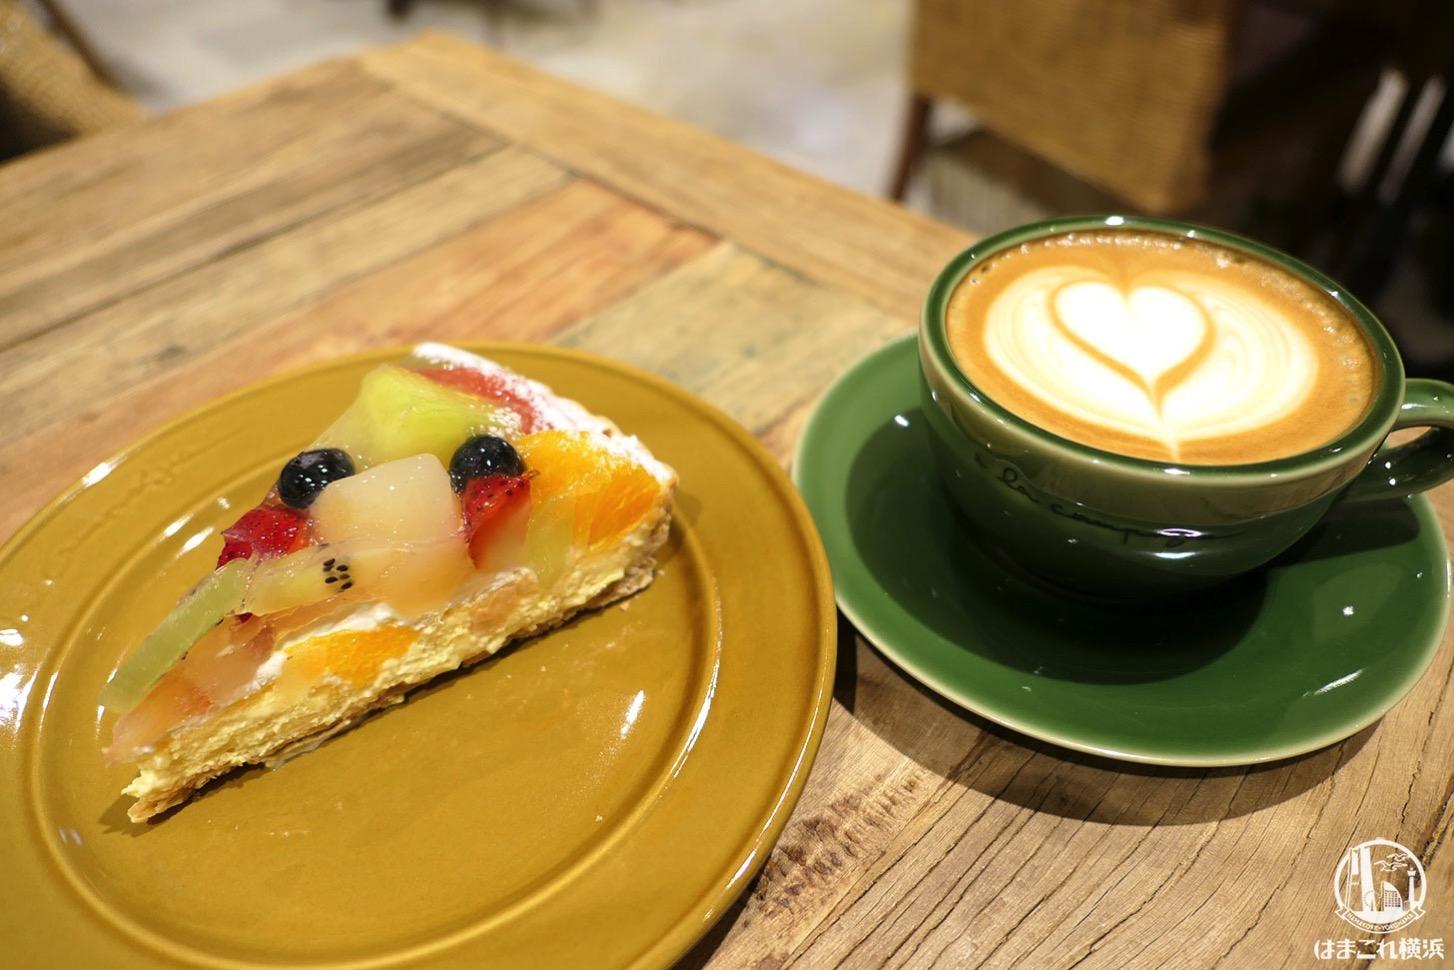 フルーツタルトとカフェラテ